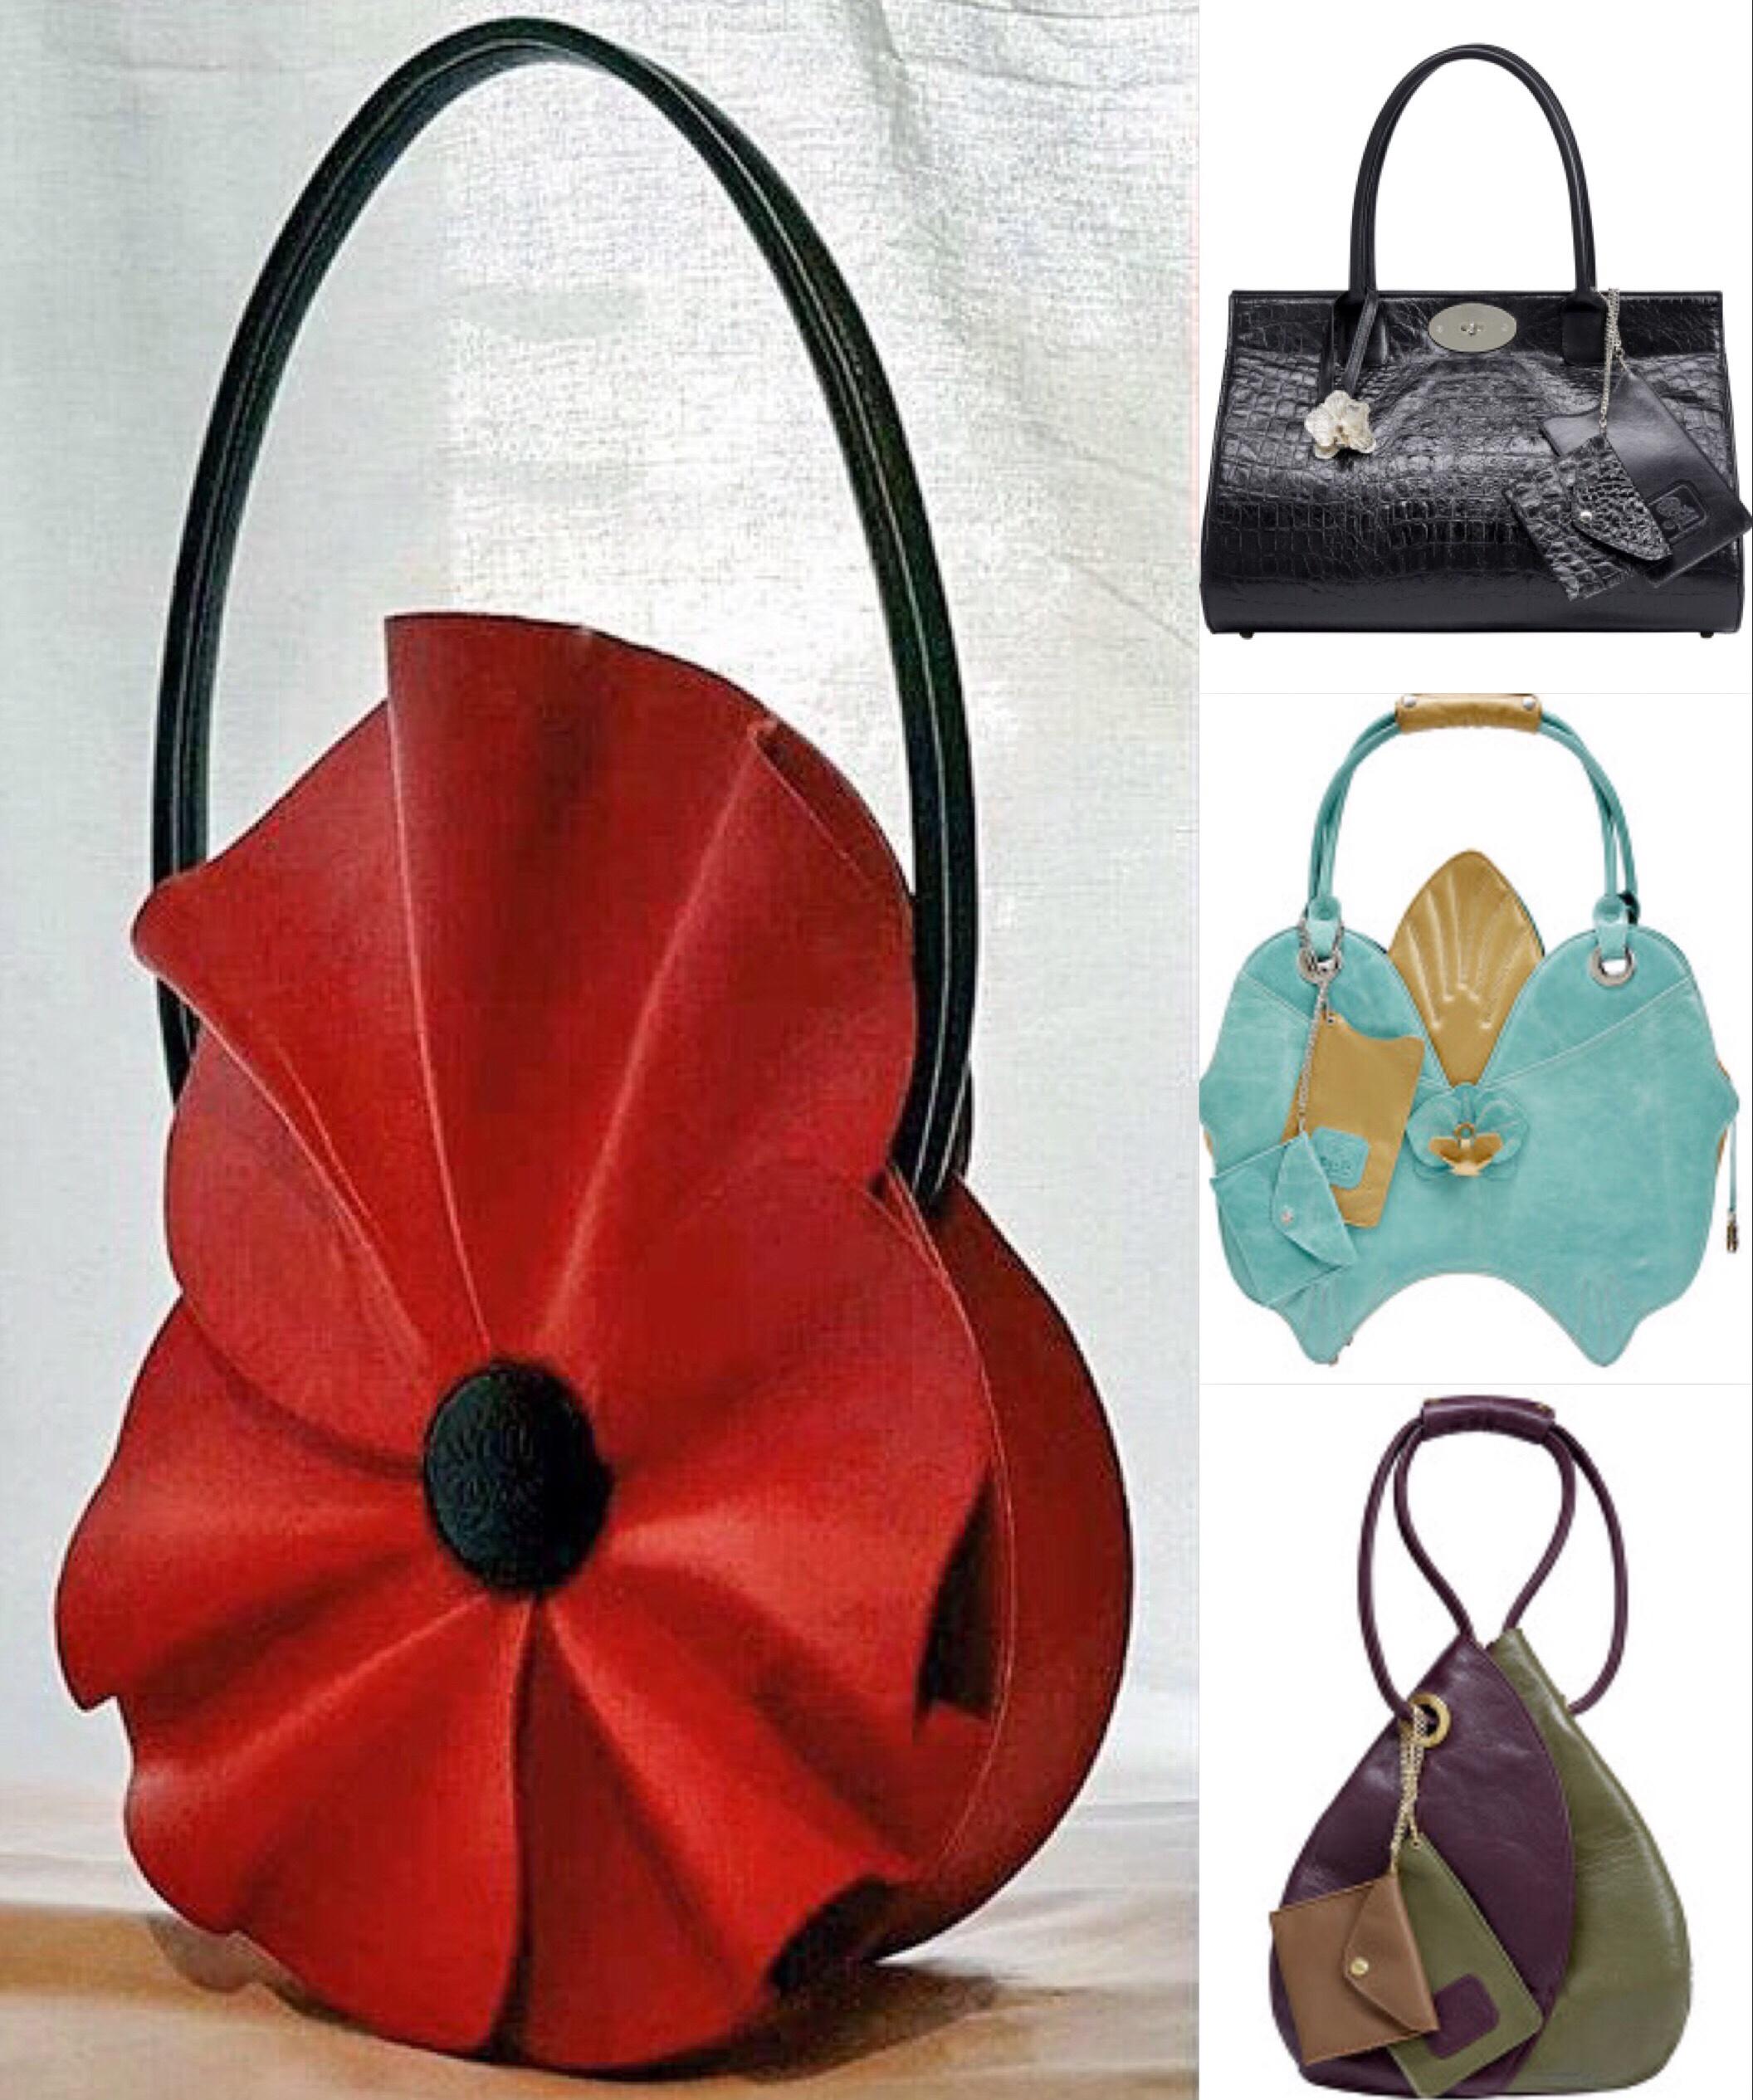 Eyato Bags